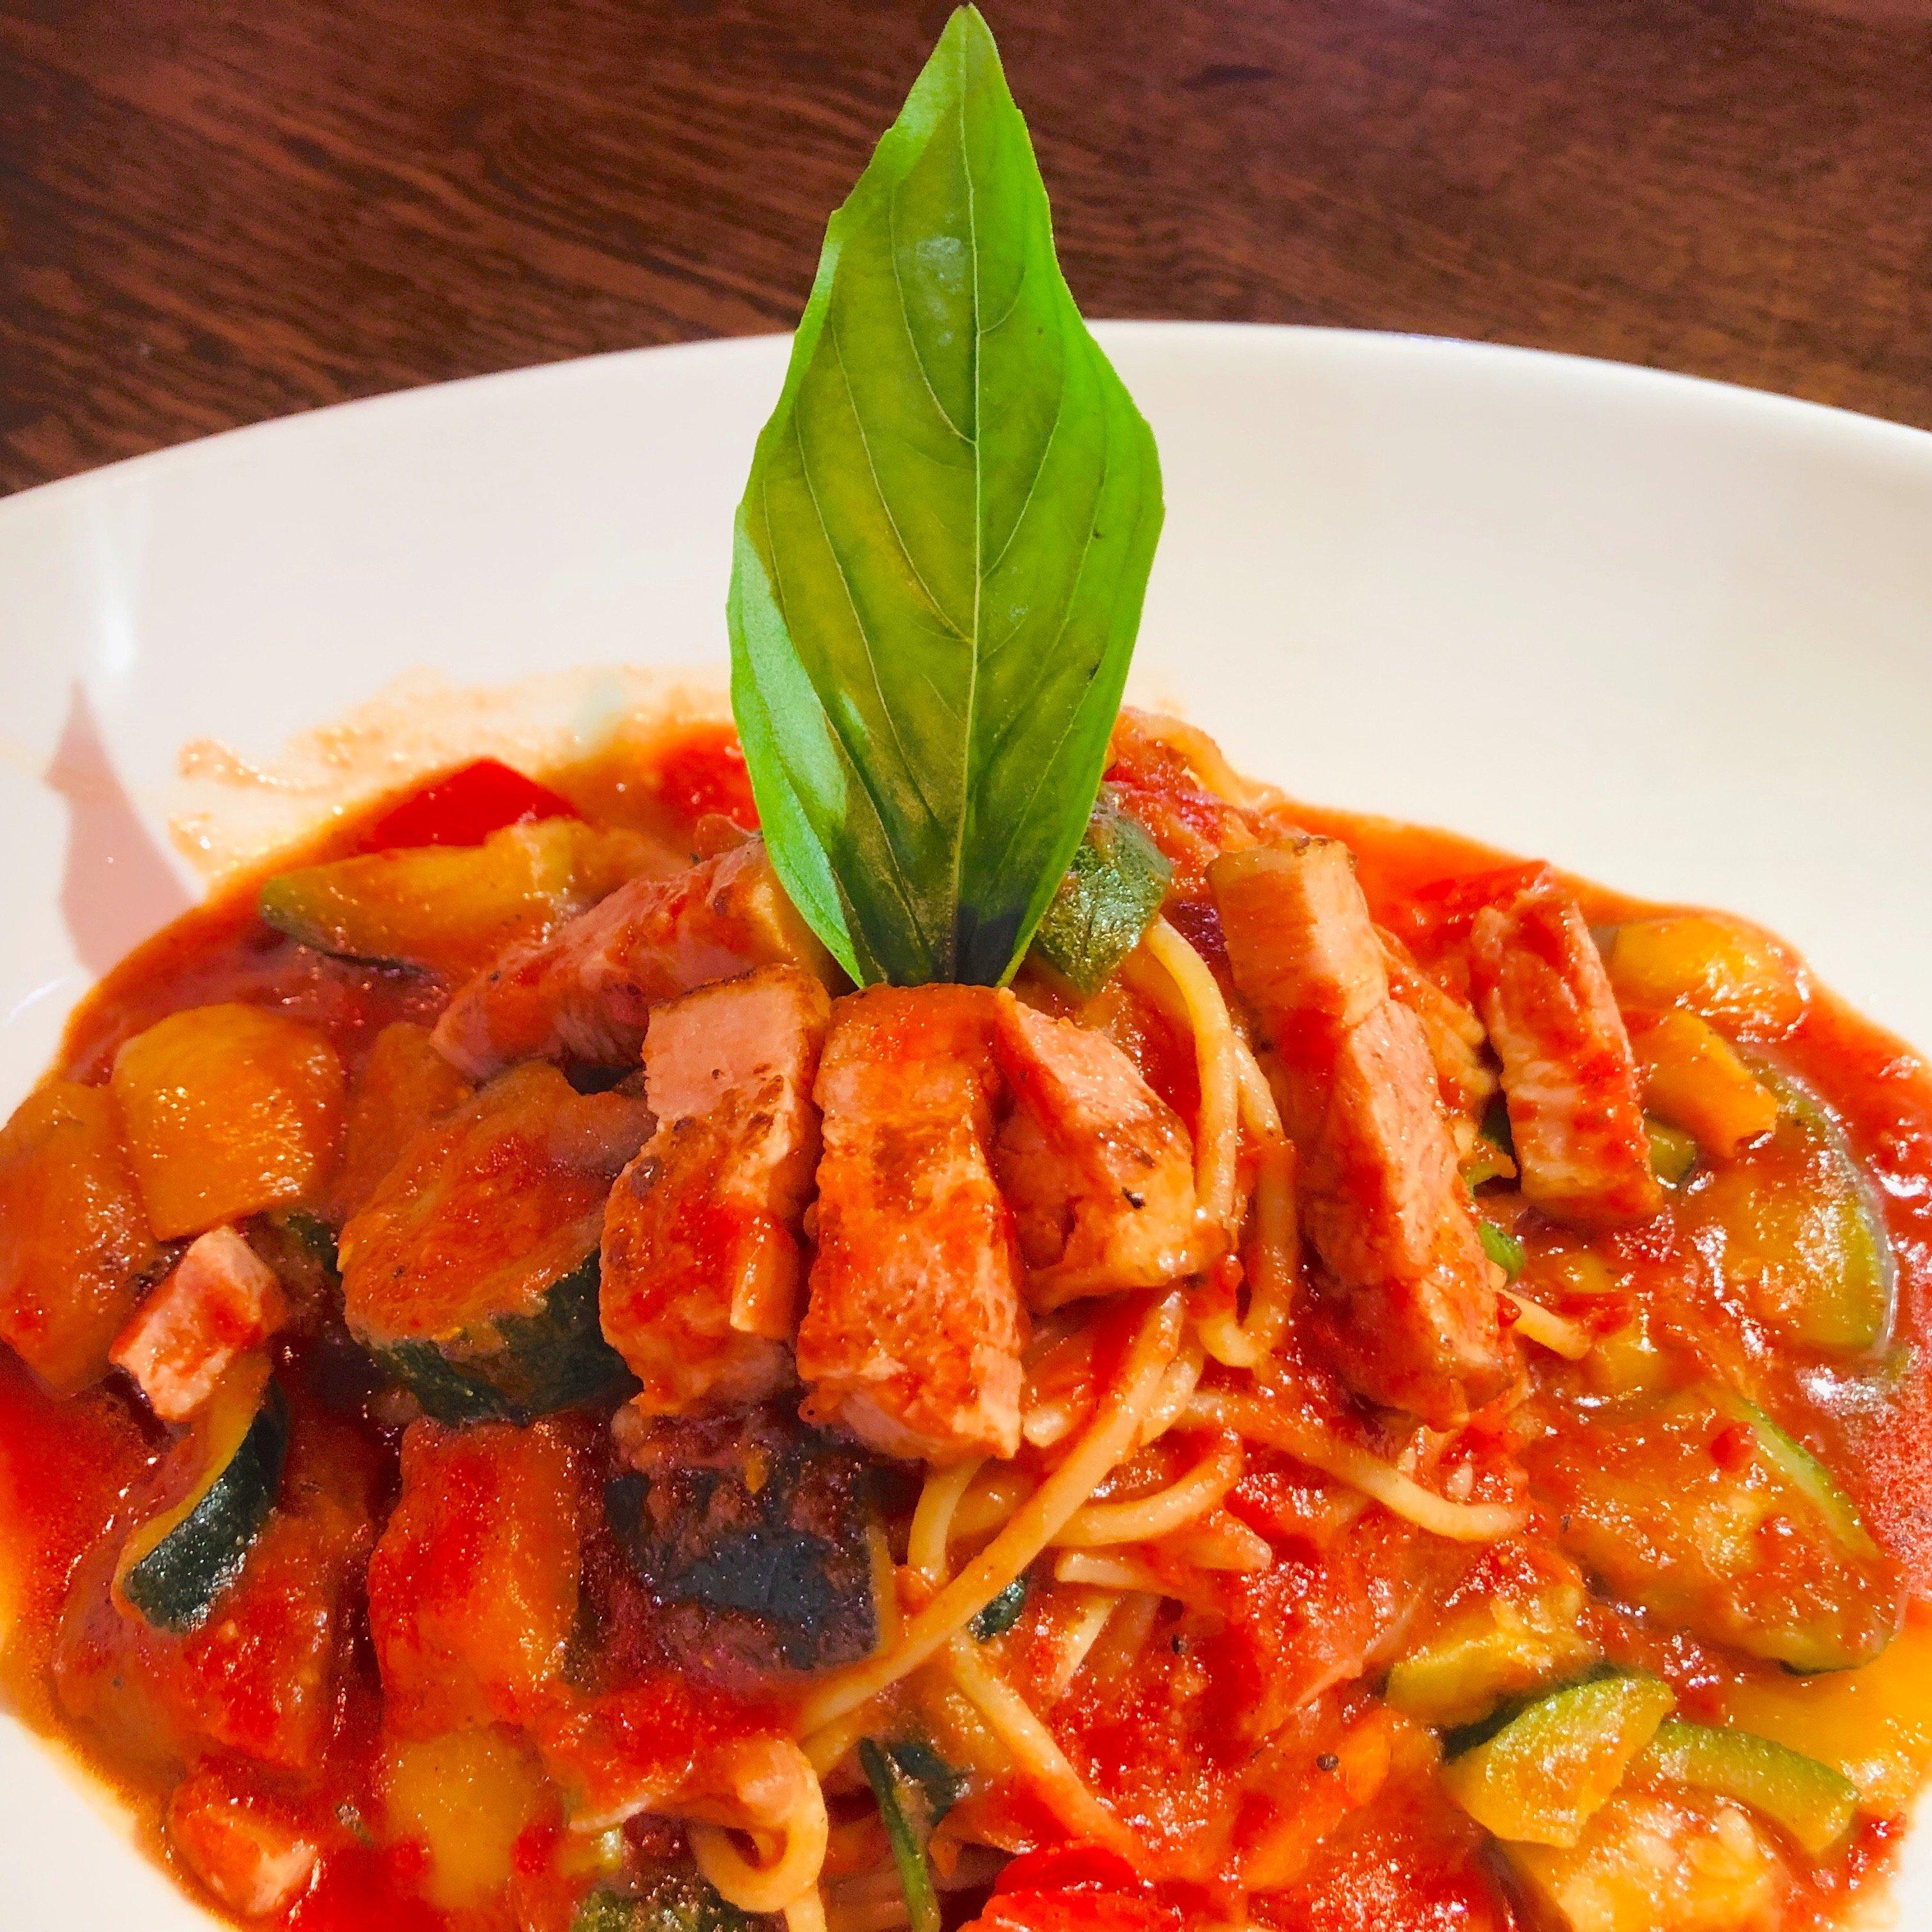 【パスタ】野菜トマト(厚切りベーコン、グリル野菜、ほうれん草)《店内注文》のイメージその2